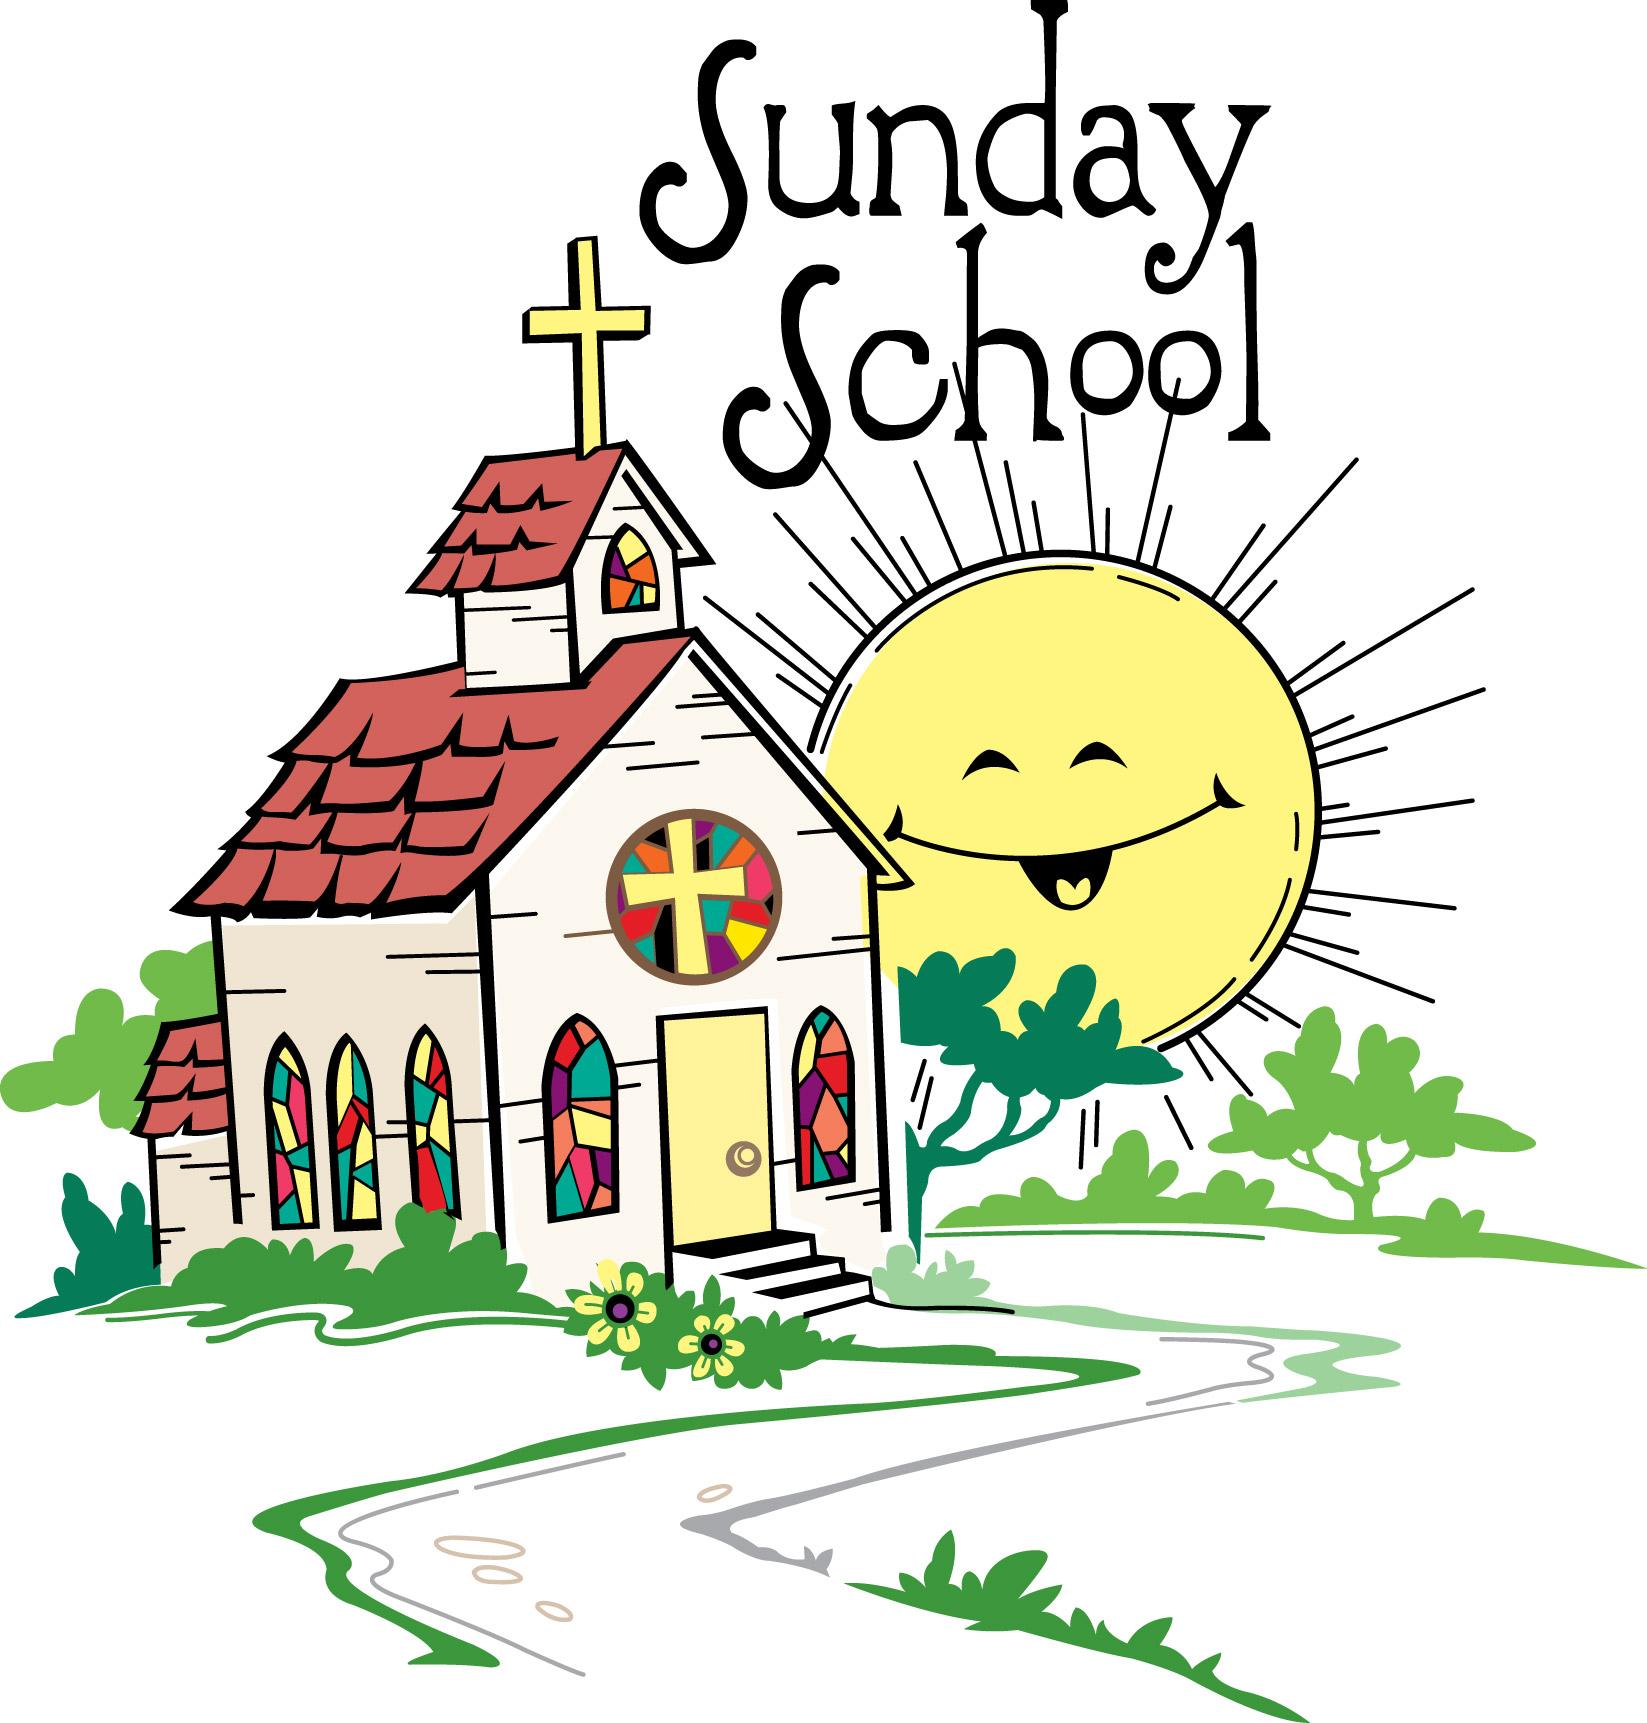 Sunday School Clipart Church.